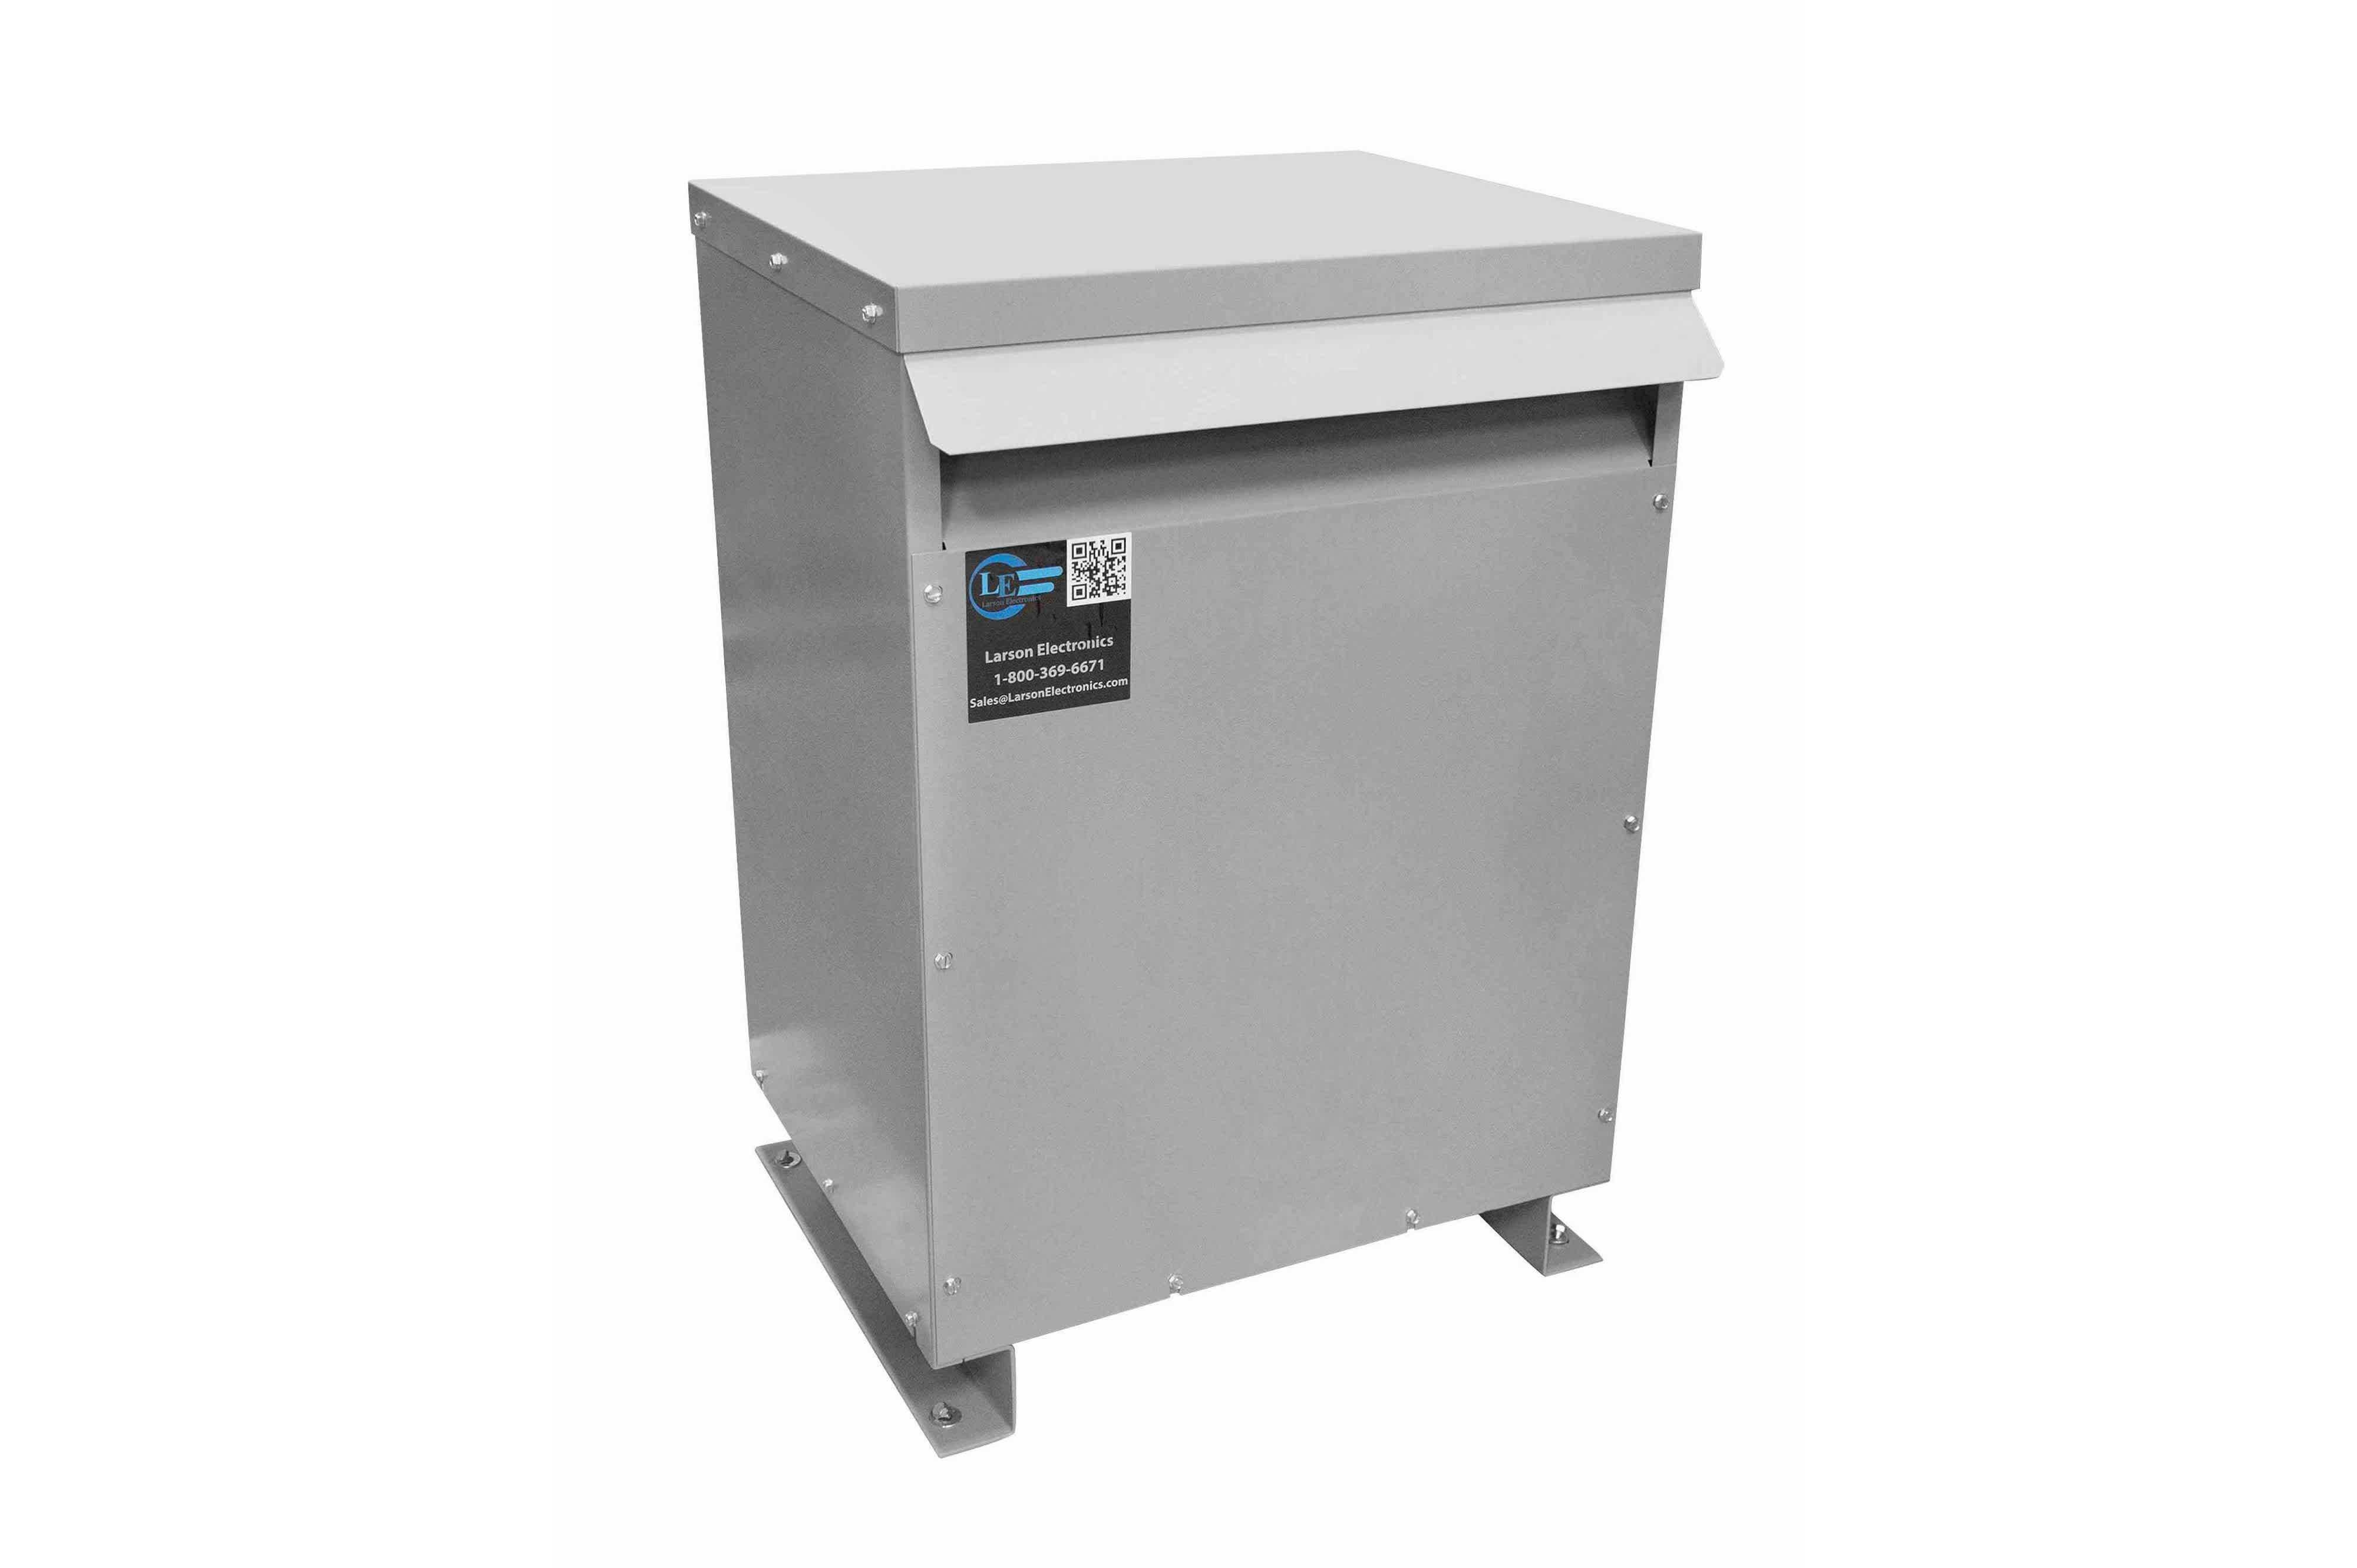 40 kVA 3PH DOE Transformer, 440V Delta Primary, 240V/120 Delta Secondary, N3R, Ventilated, 60 Hz